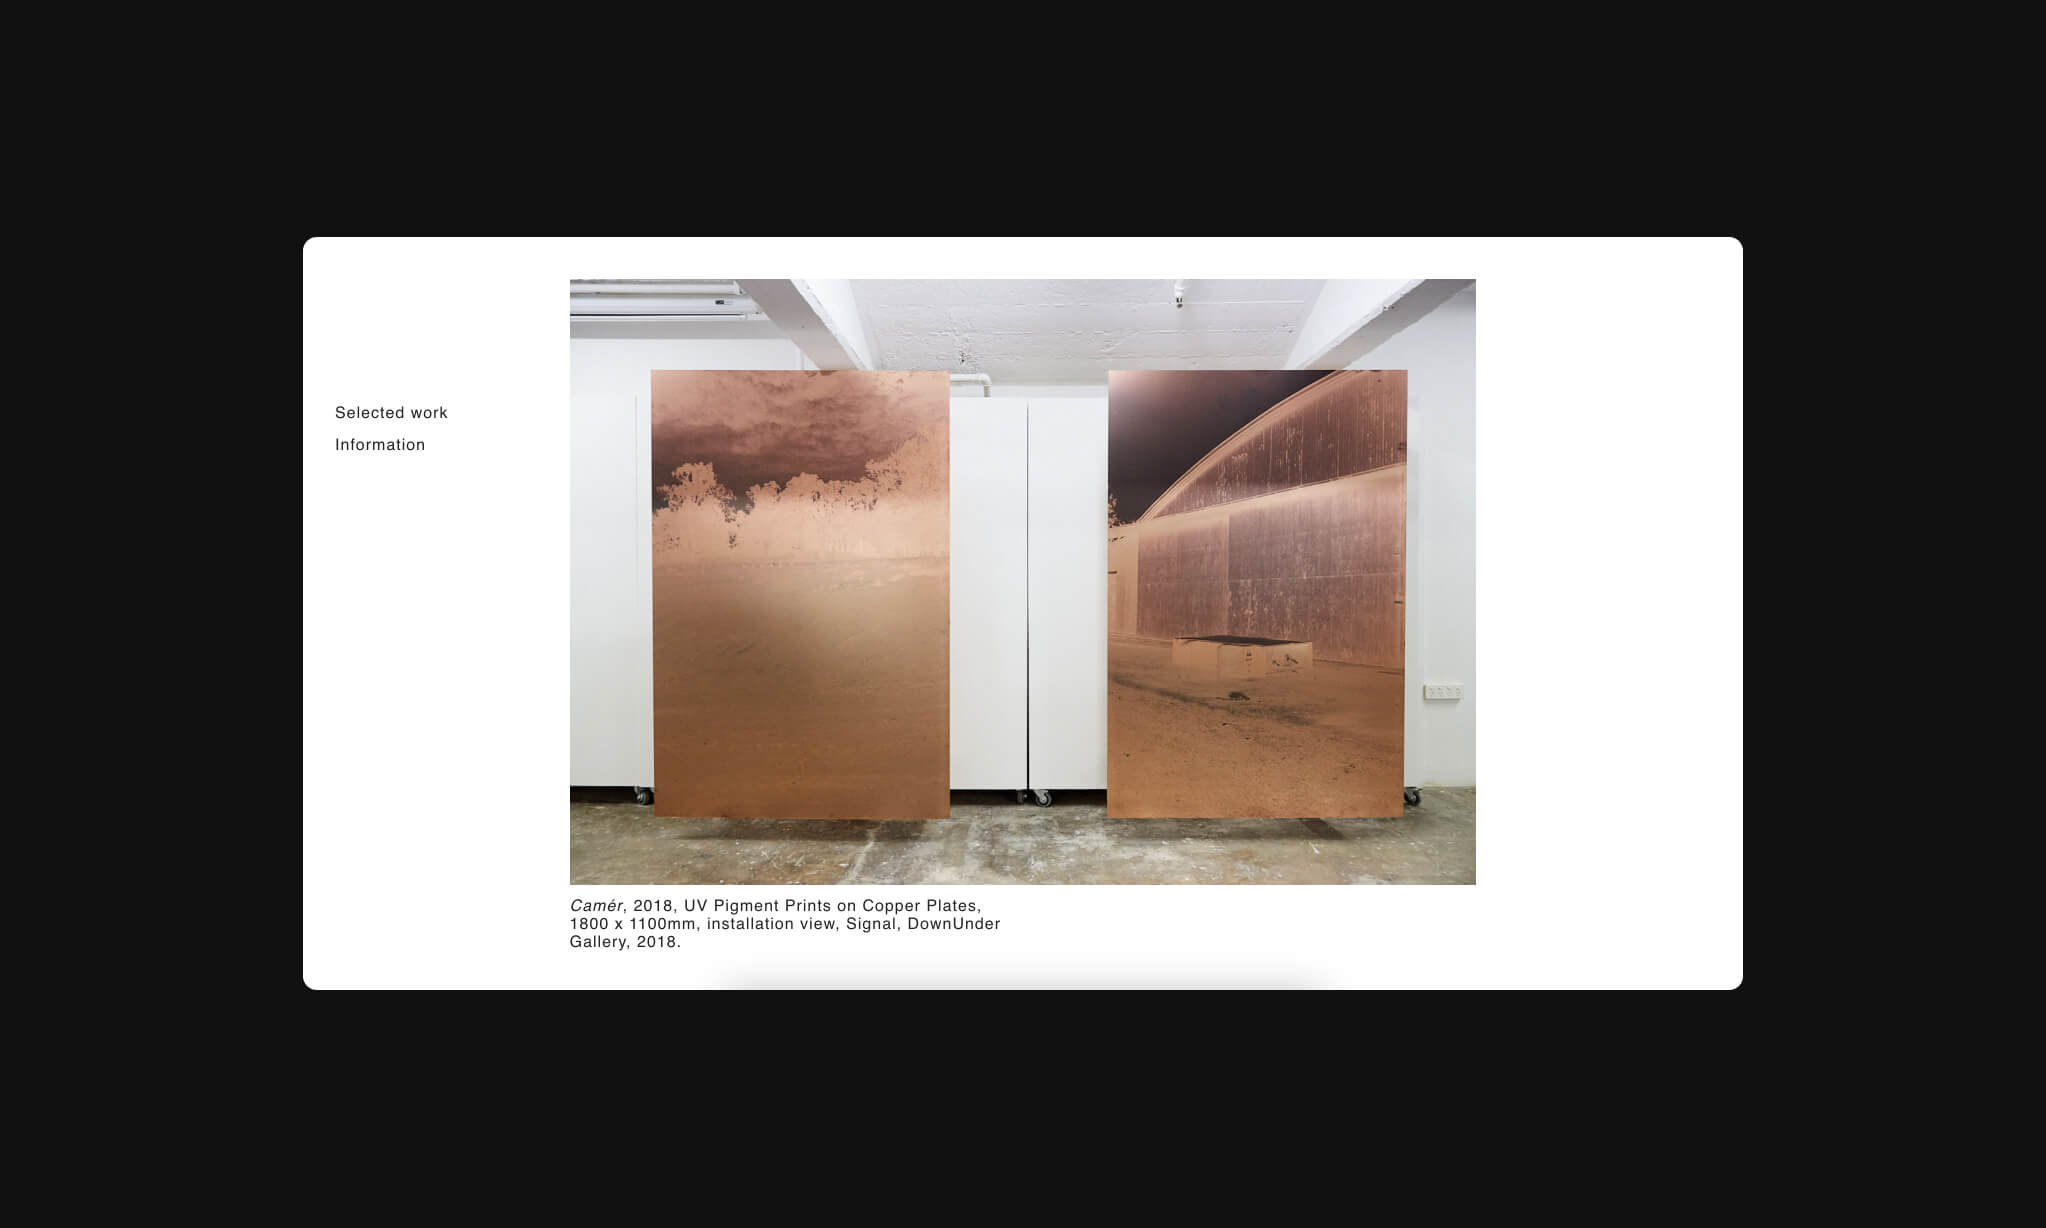 Orson Heidrich documentation image